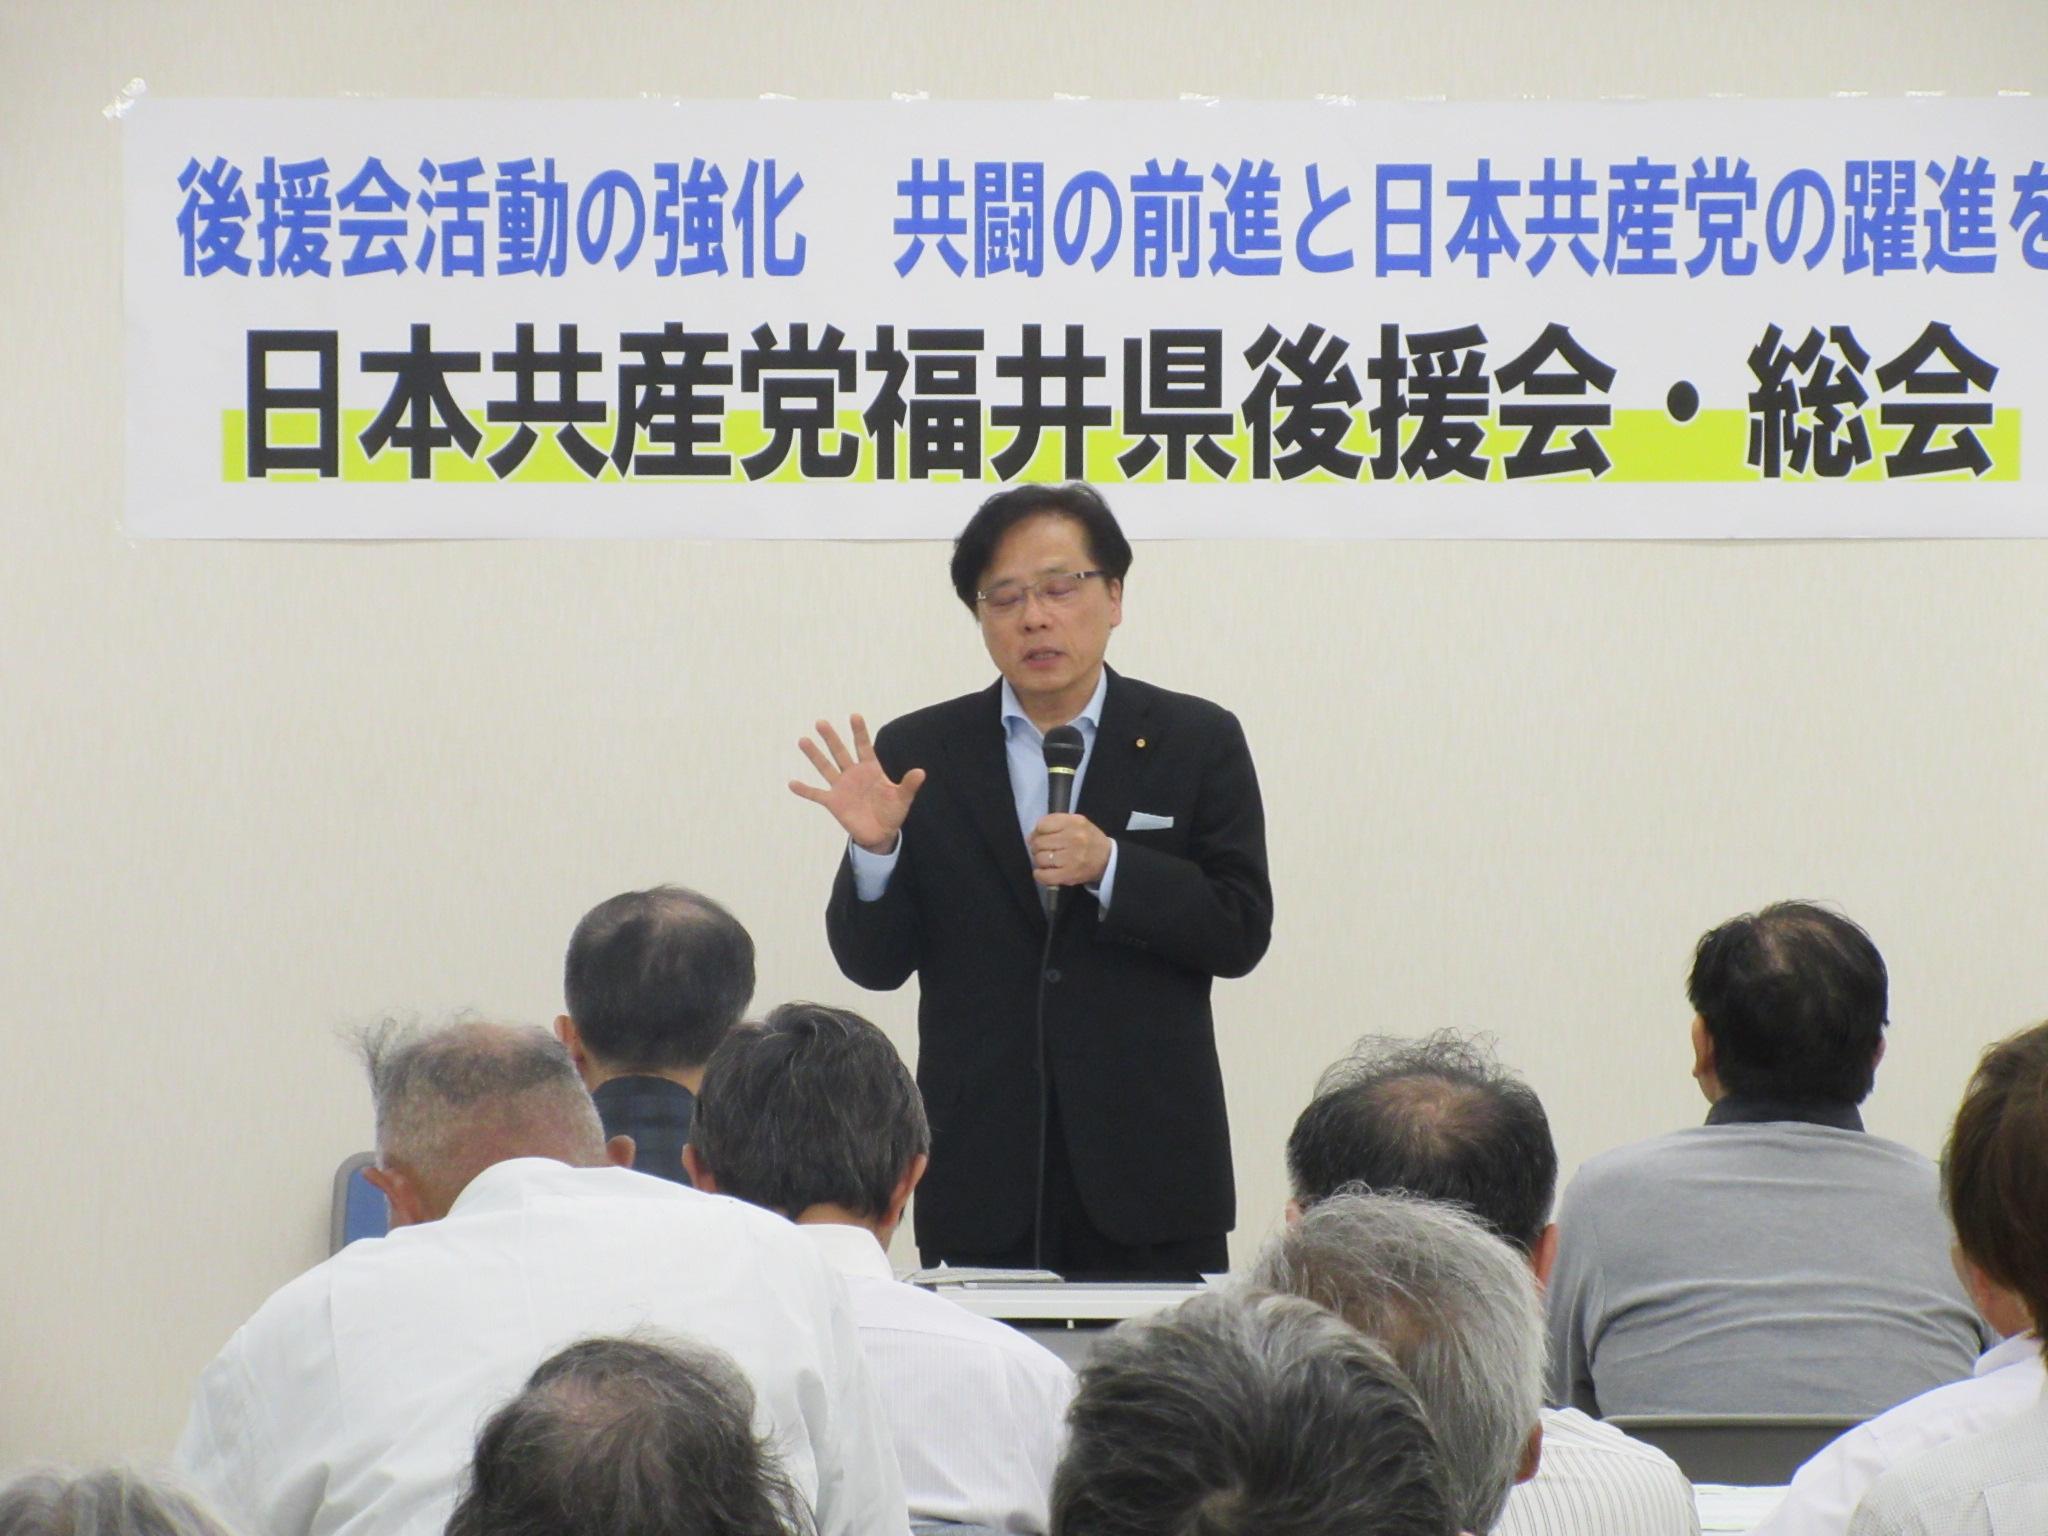 http://www.inoue-satoshi.com/diary/IMG_5225.JPG